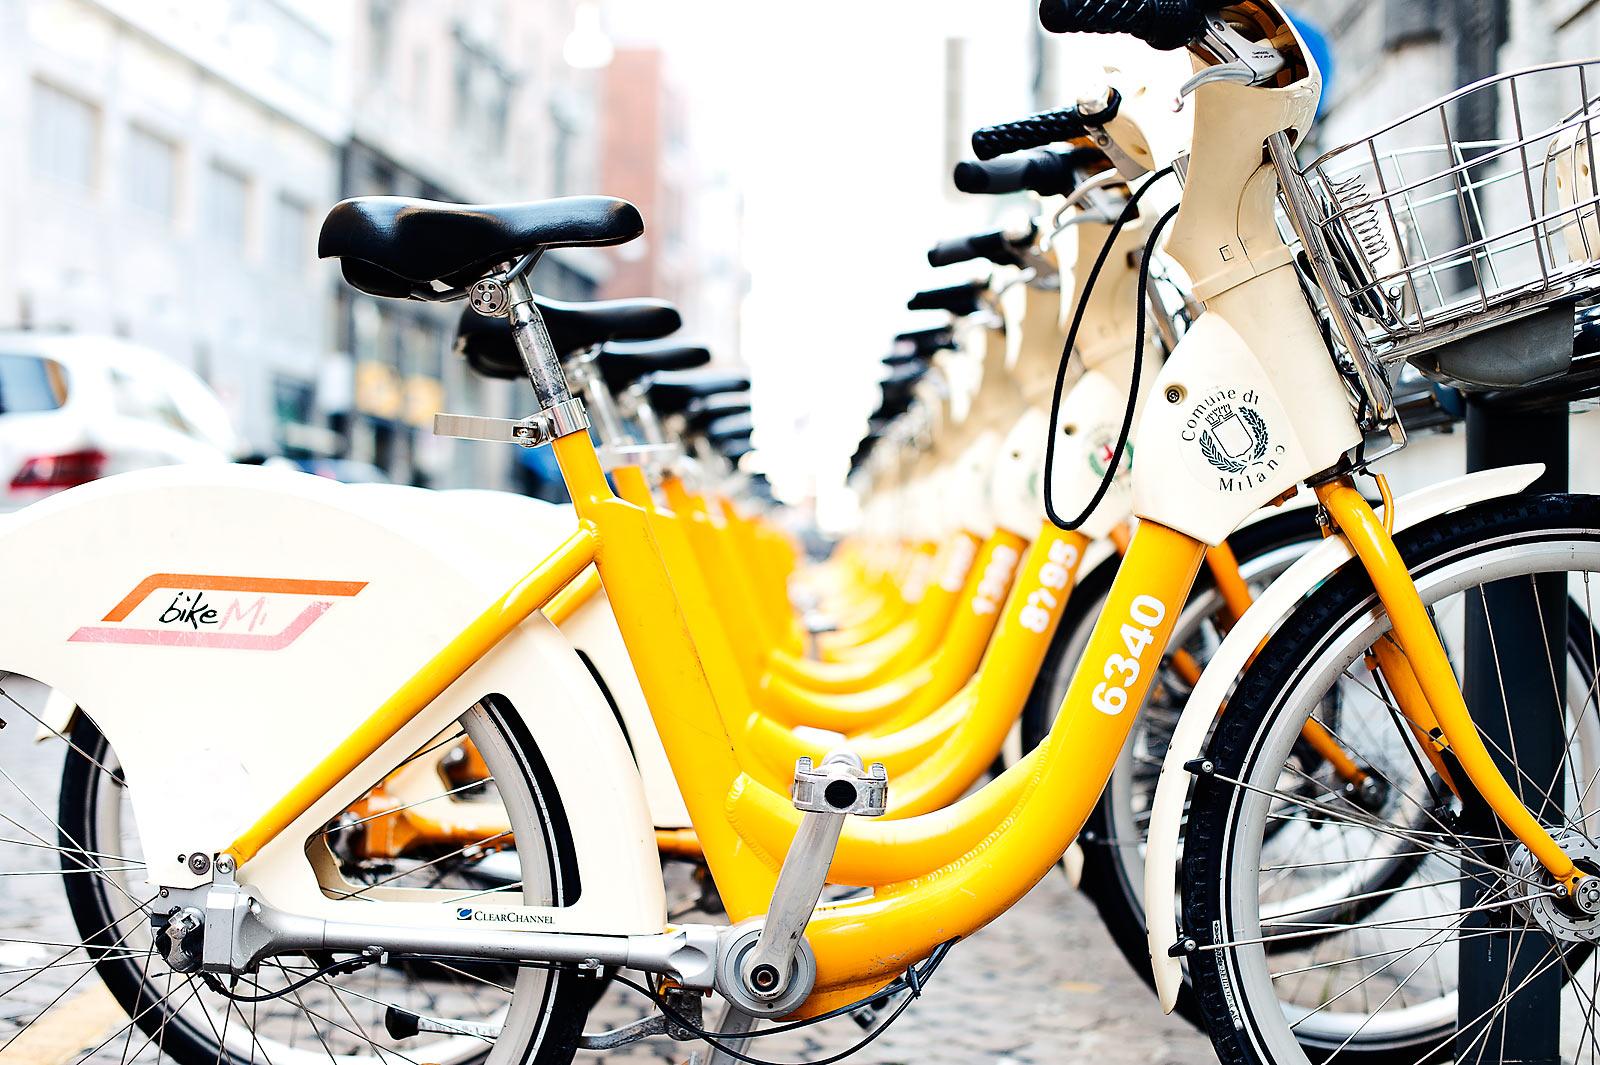 В Милане открылся бесплатный прокат детских велосипедов